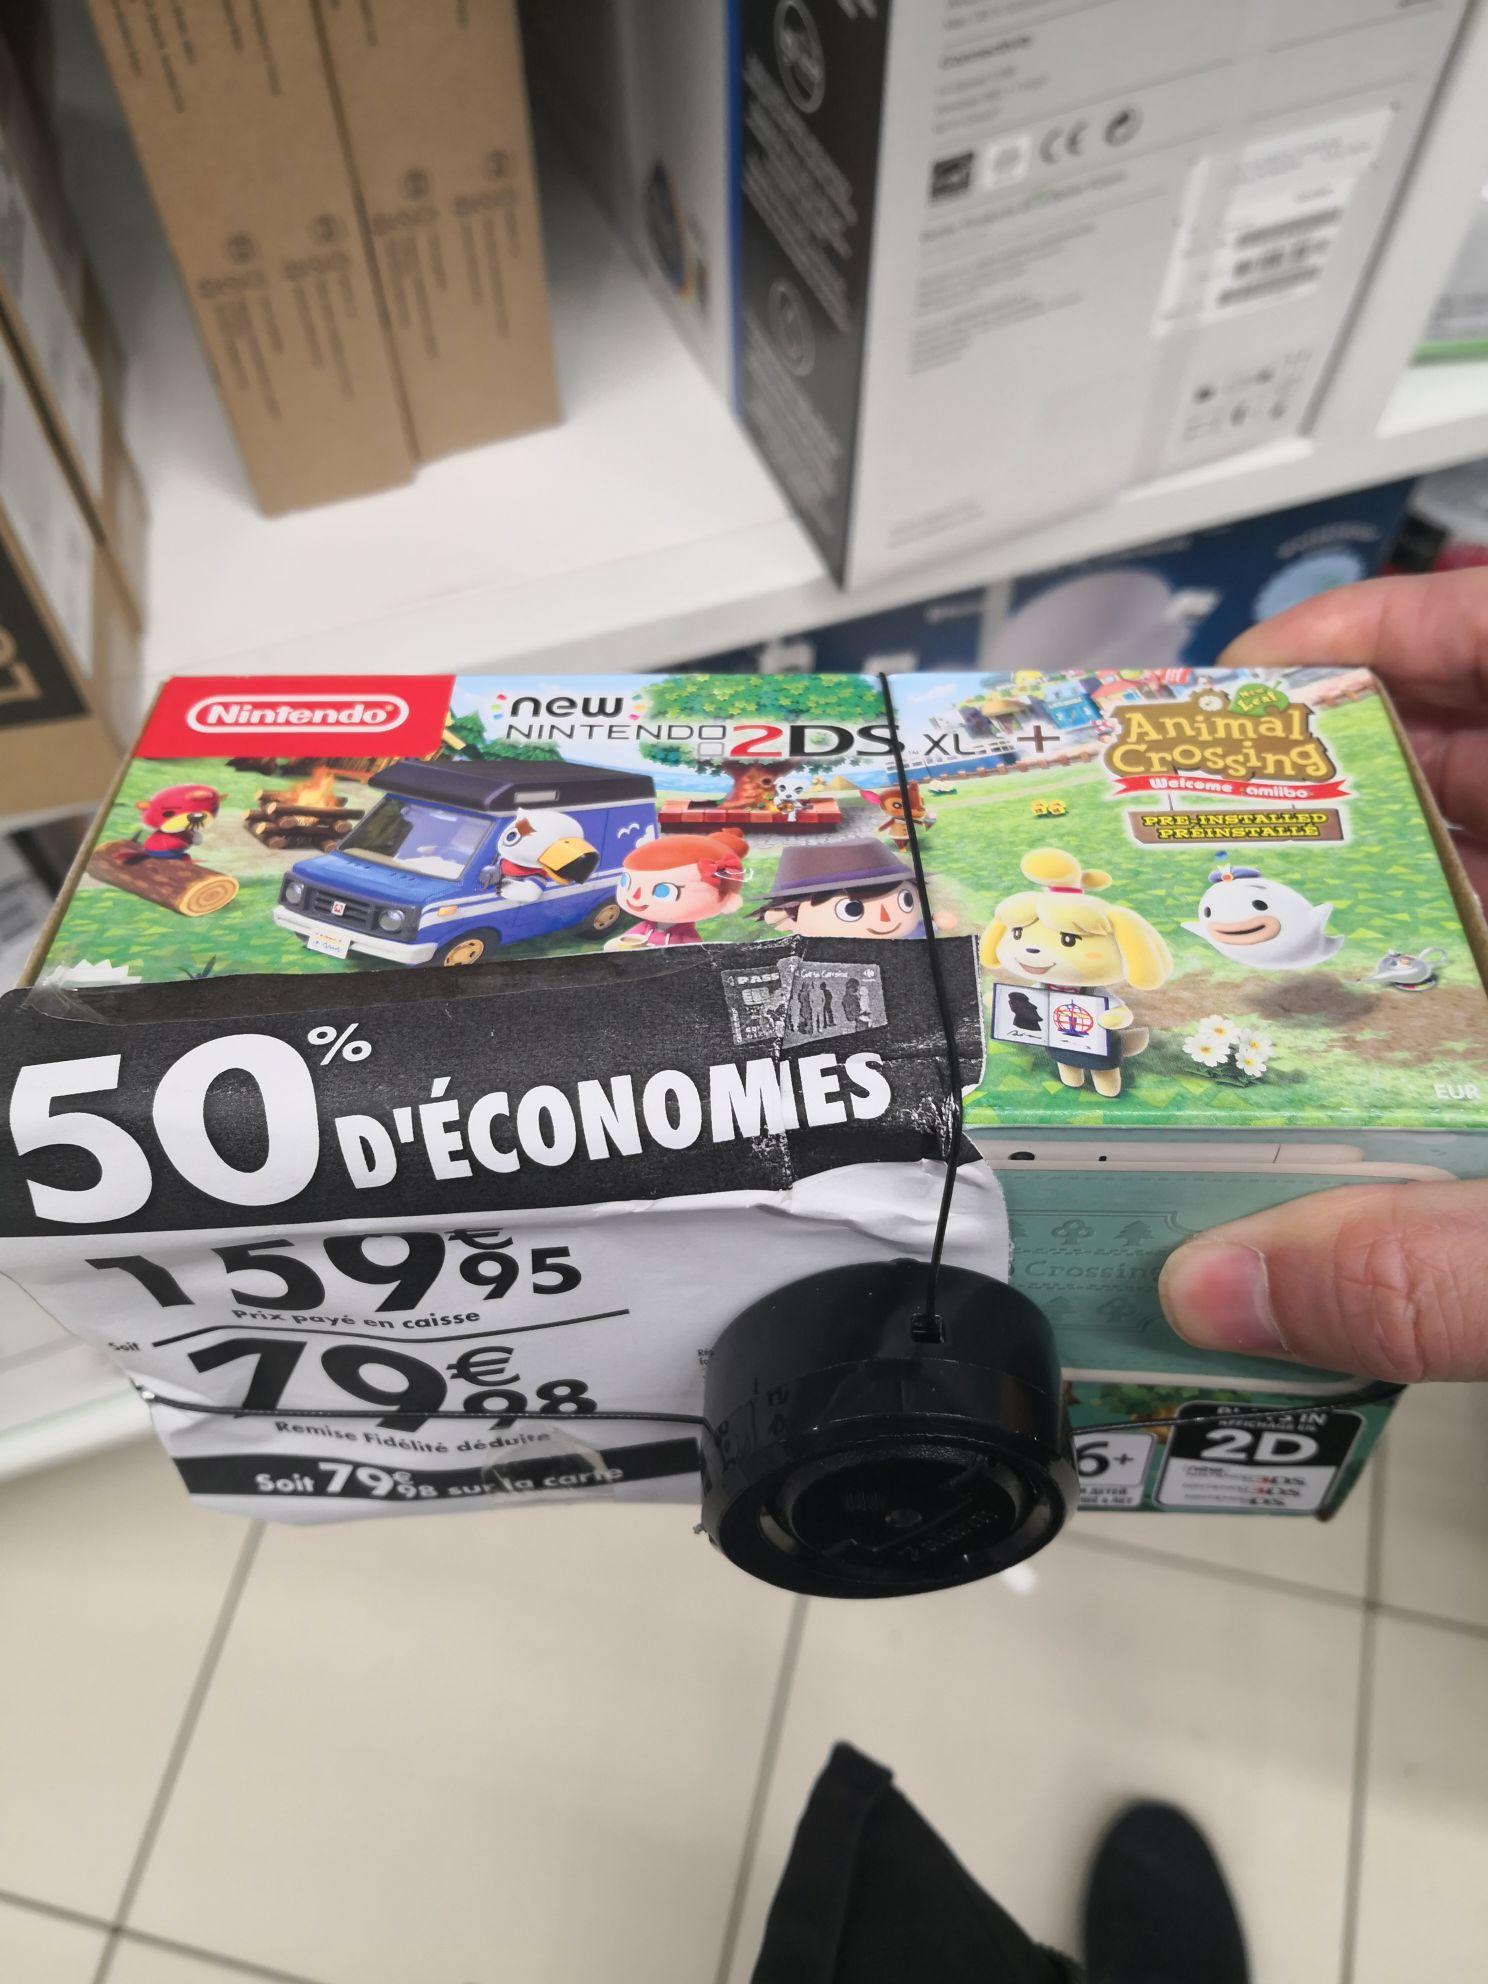 Console Nintendo New 2DS XL + Animal crossing (via 79,98€ sur la carte) - Aubervilliers (93)